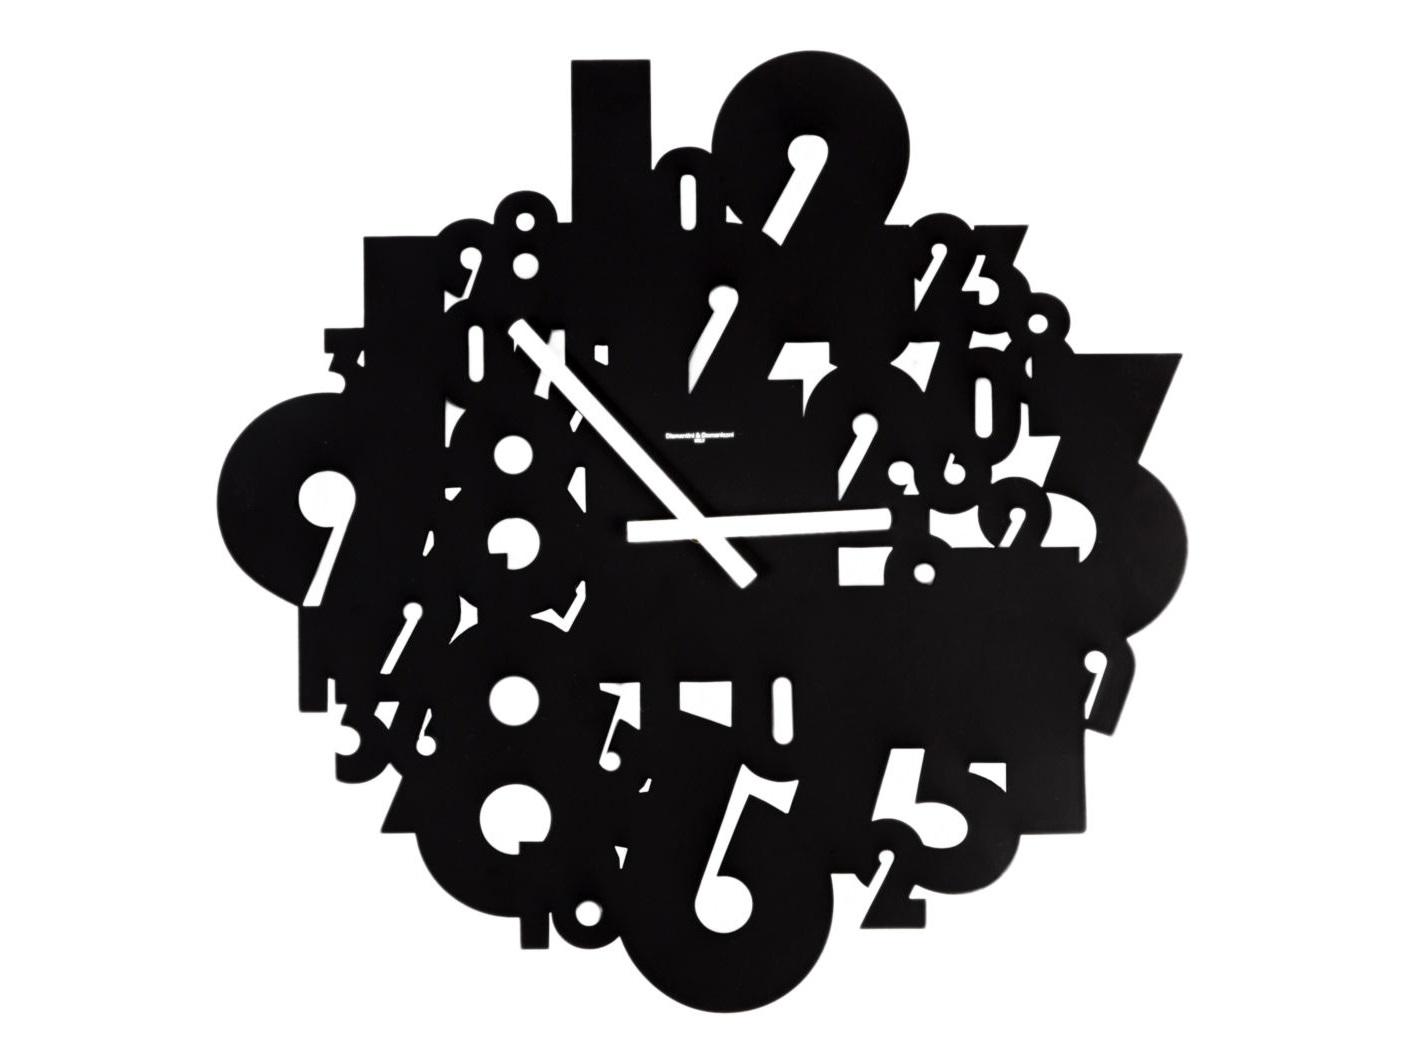 Часы настенные TimelessНастенные часы<br>Кварцевый механизм<br><br>Material: Металл<br>Глубина см: 2